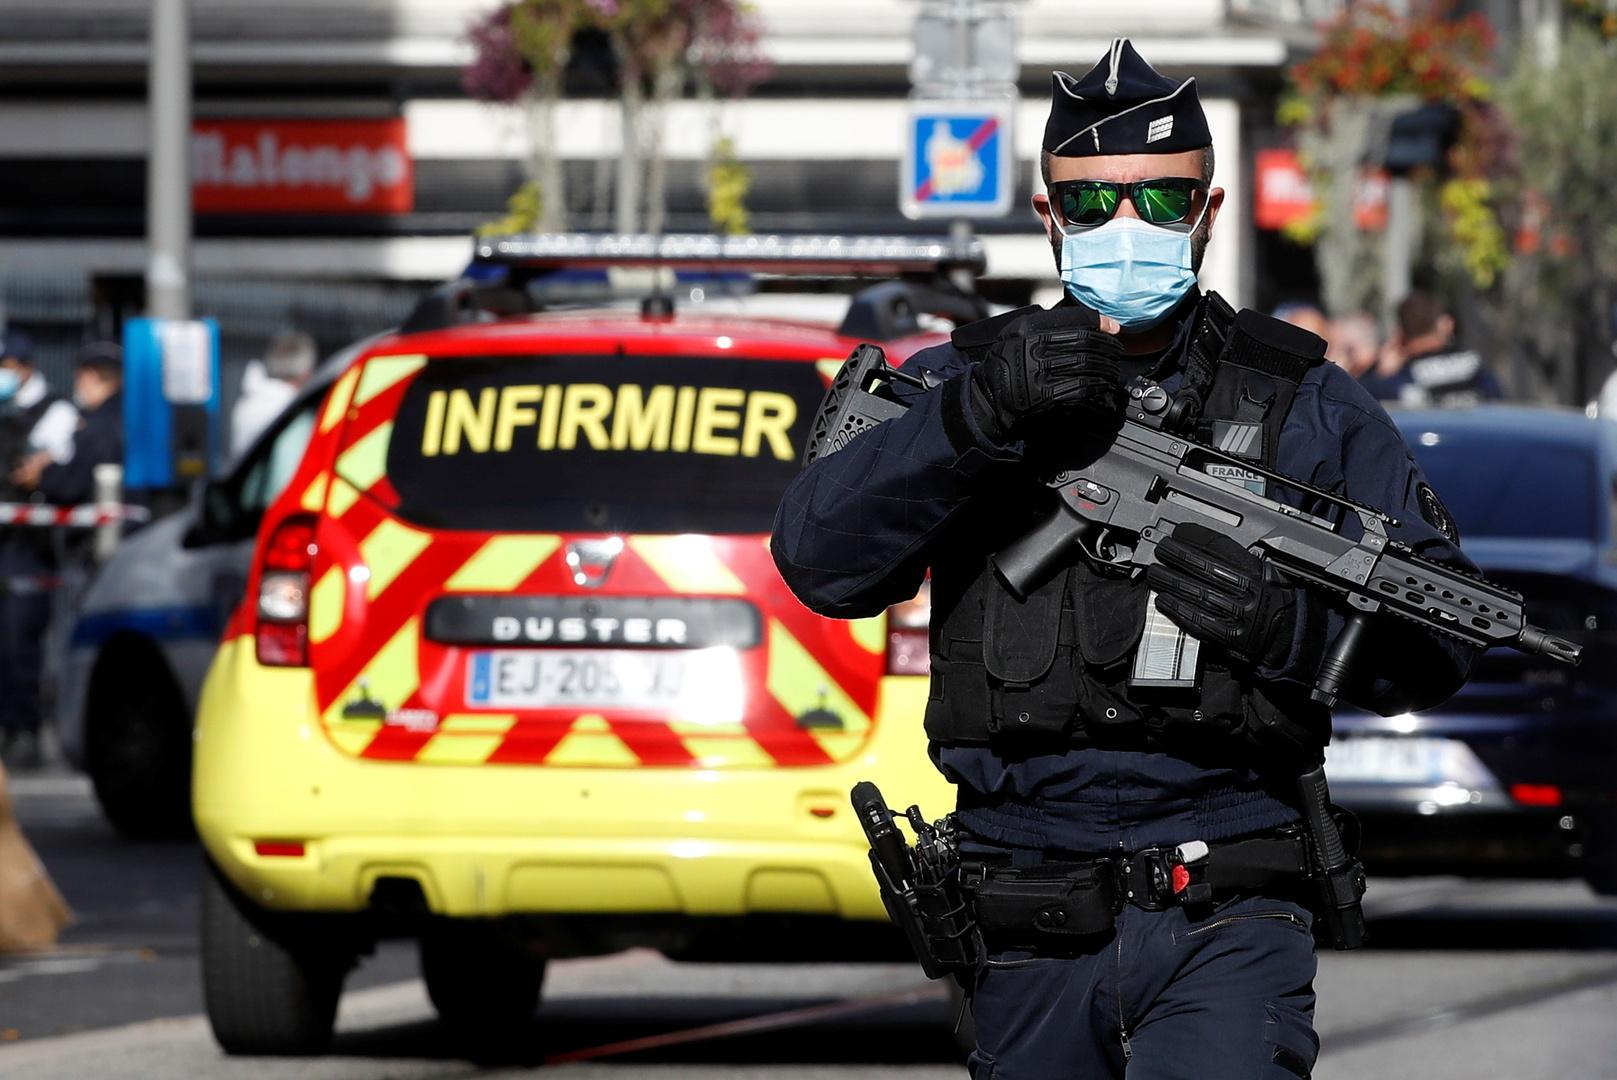 الفاتيكان يدين هجوم نيس ويشدد على أن الإرهاب غير مقبول